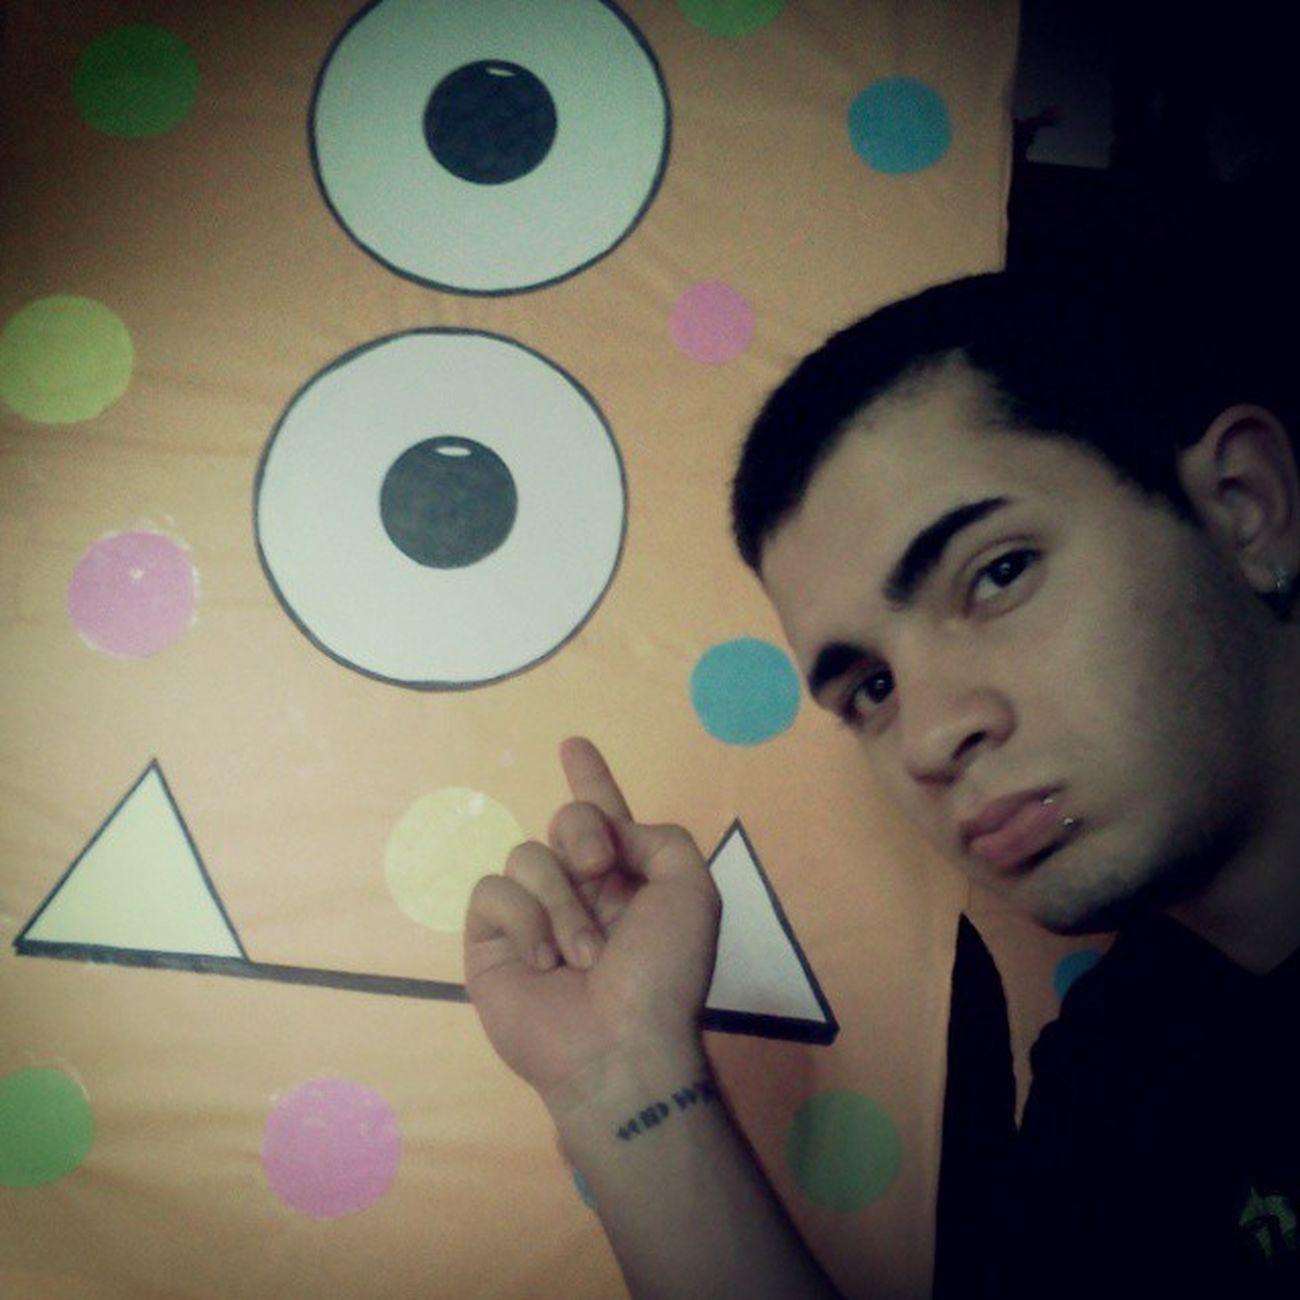 HeyMonster Selfie Monster InstaBoo